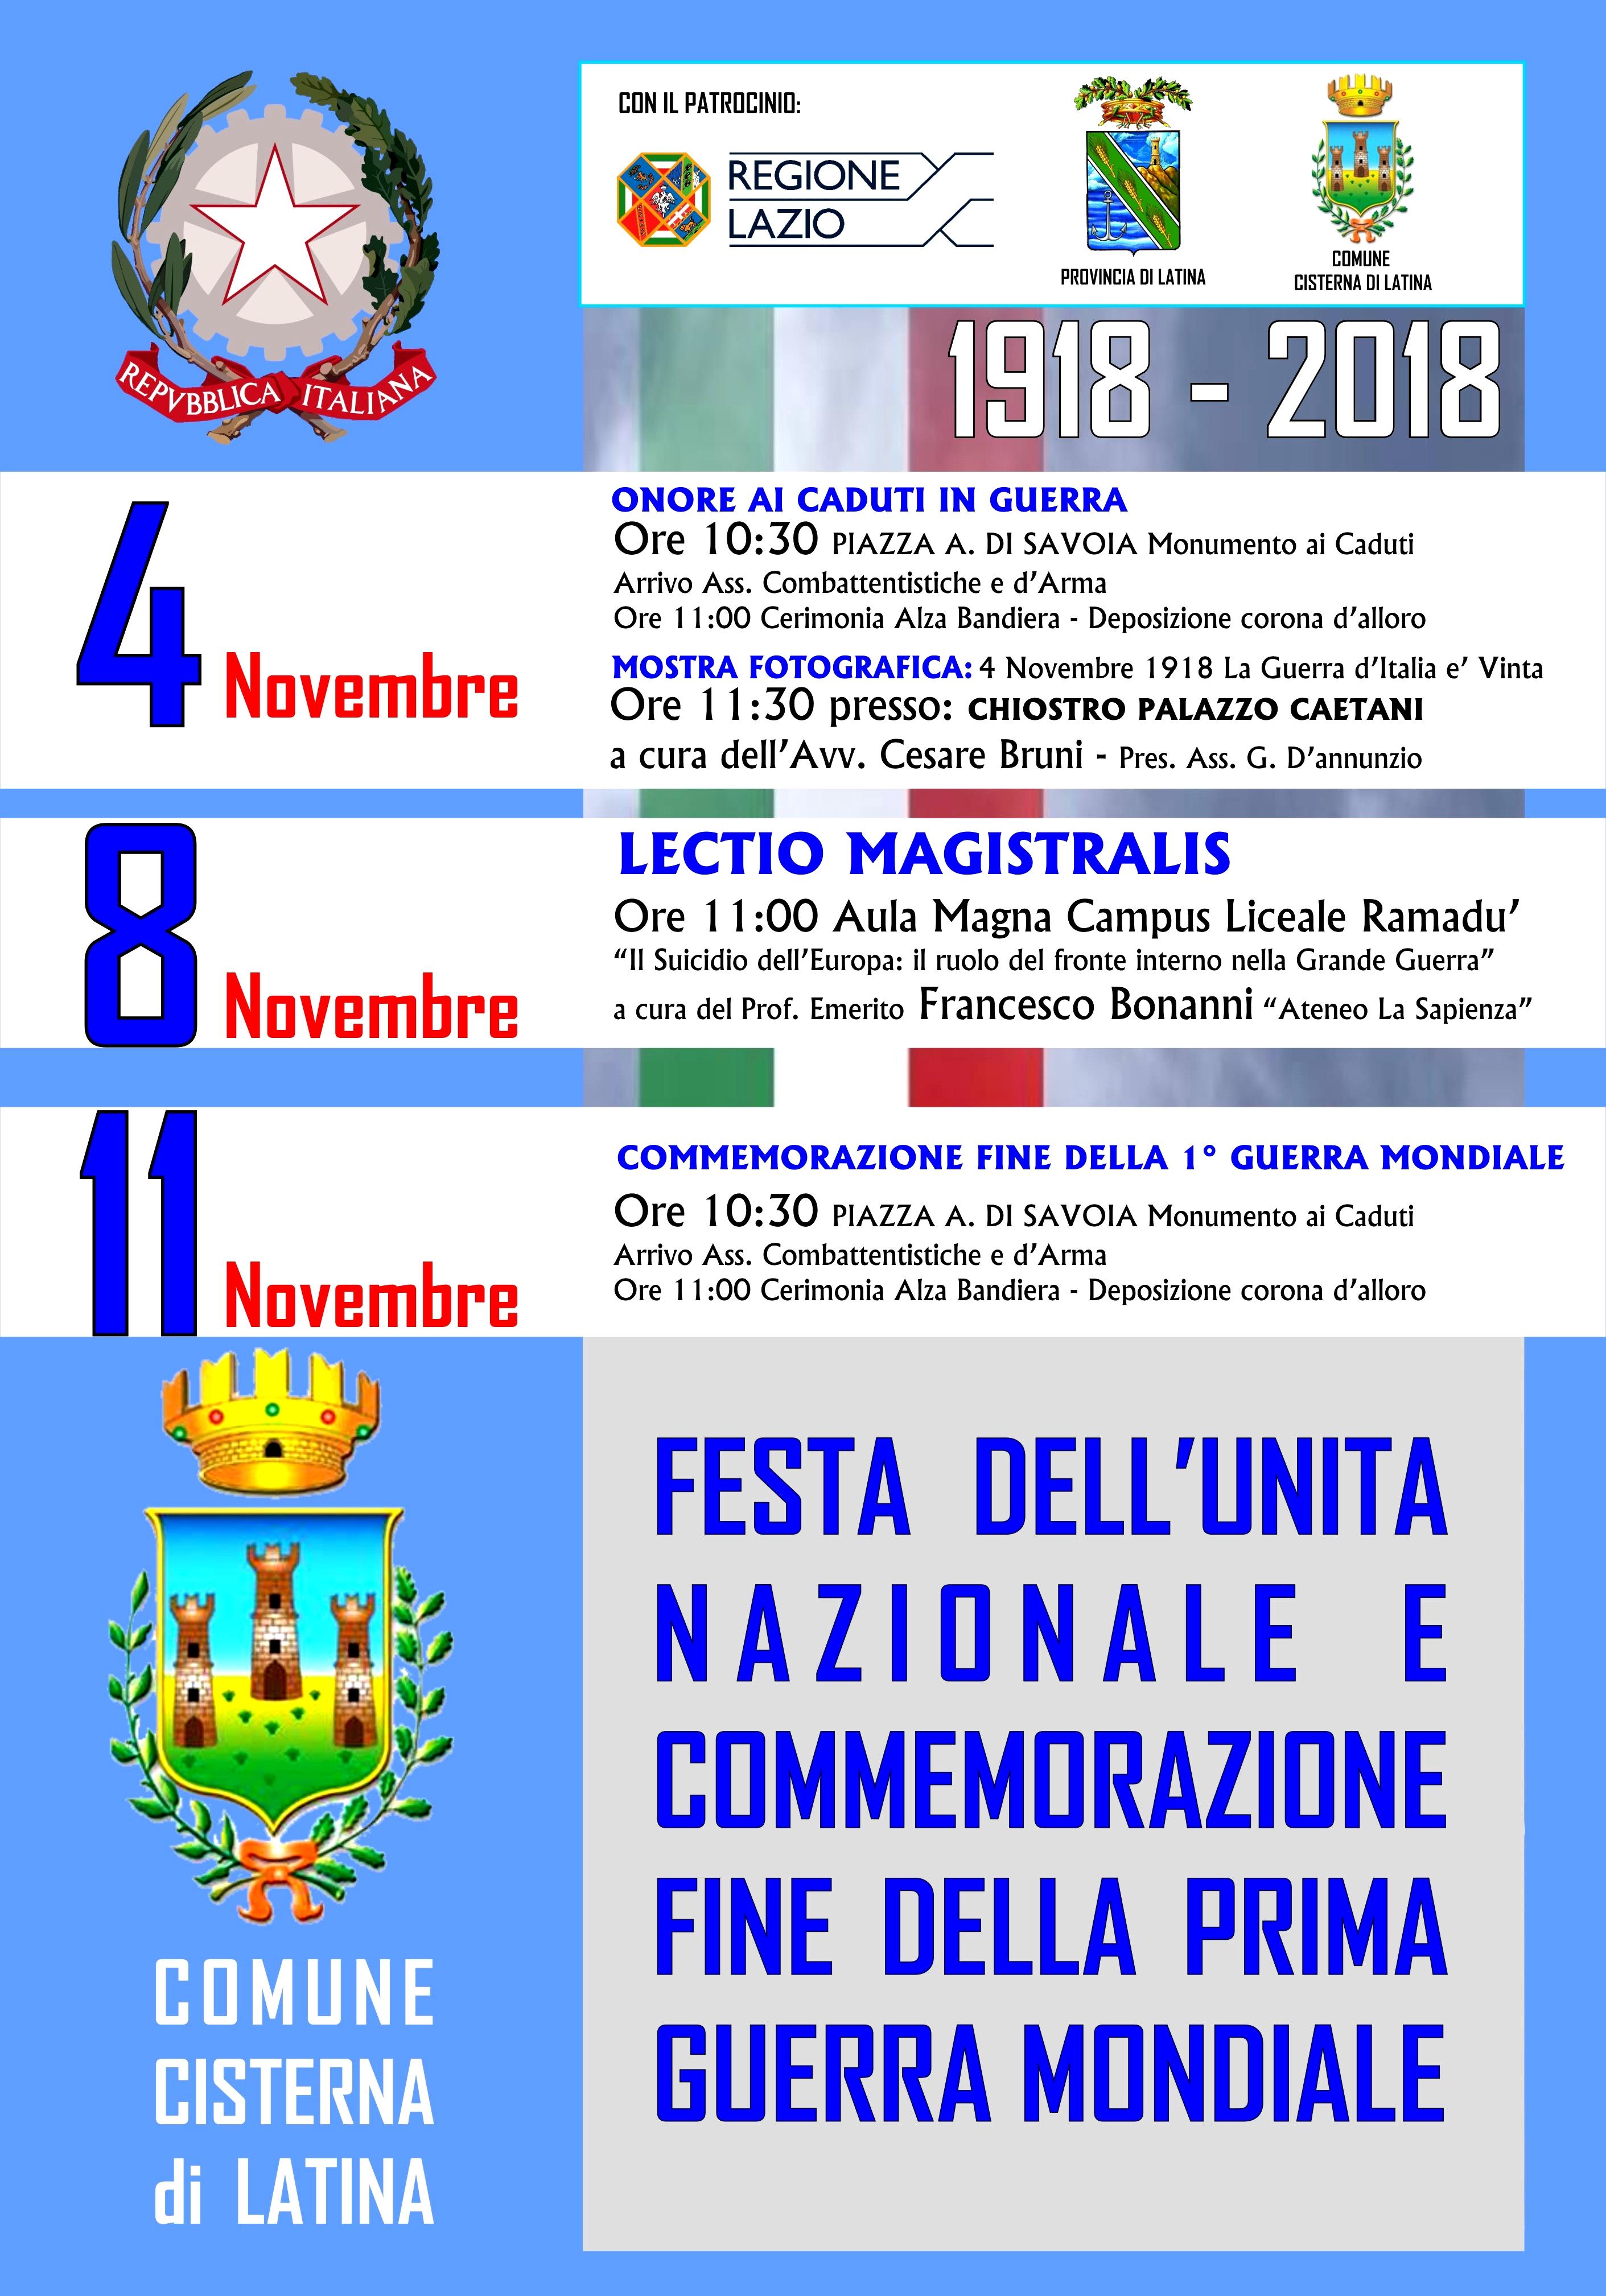 Cisterna: Una settimana di cerimonie per il Centenario della Prima Guerra Mondiale